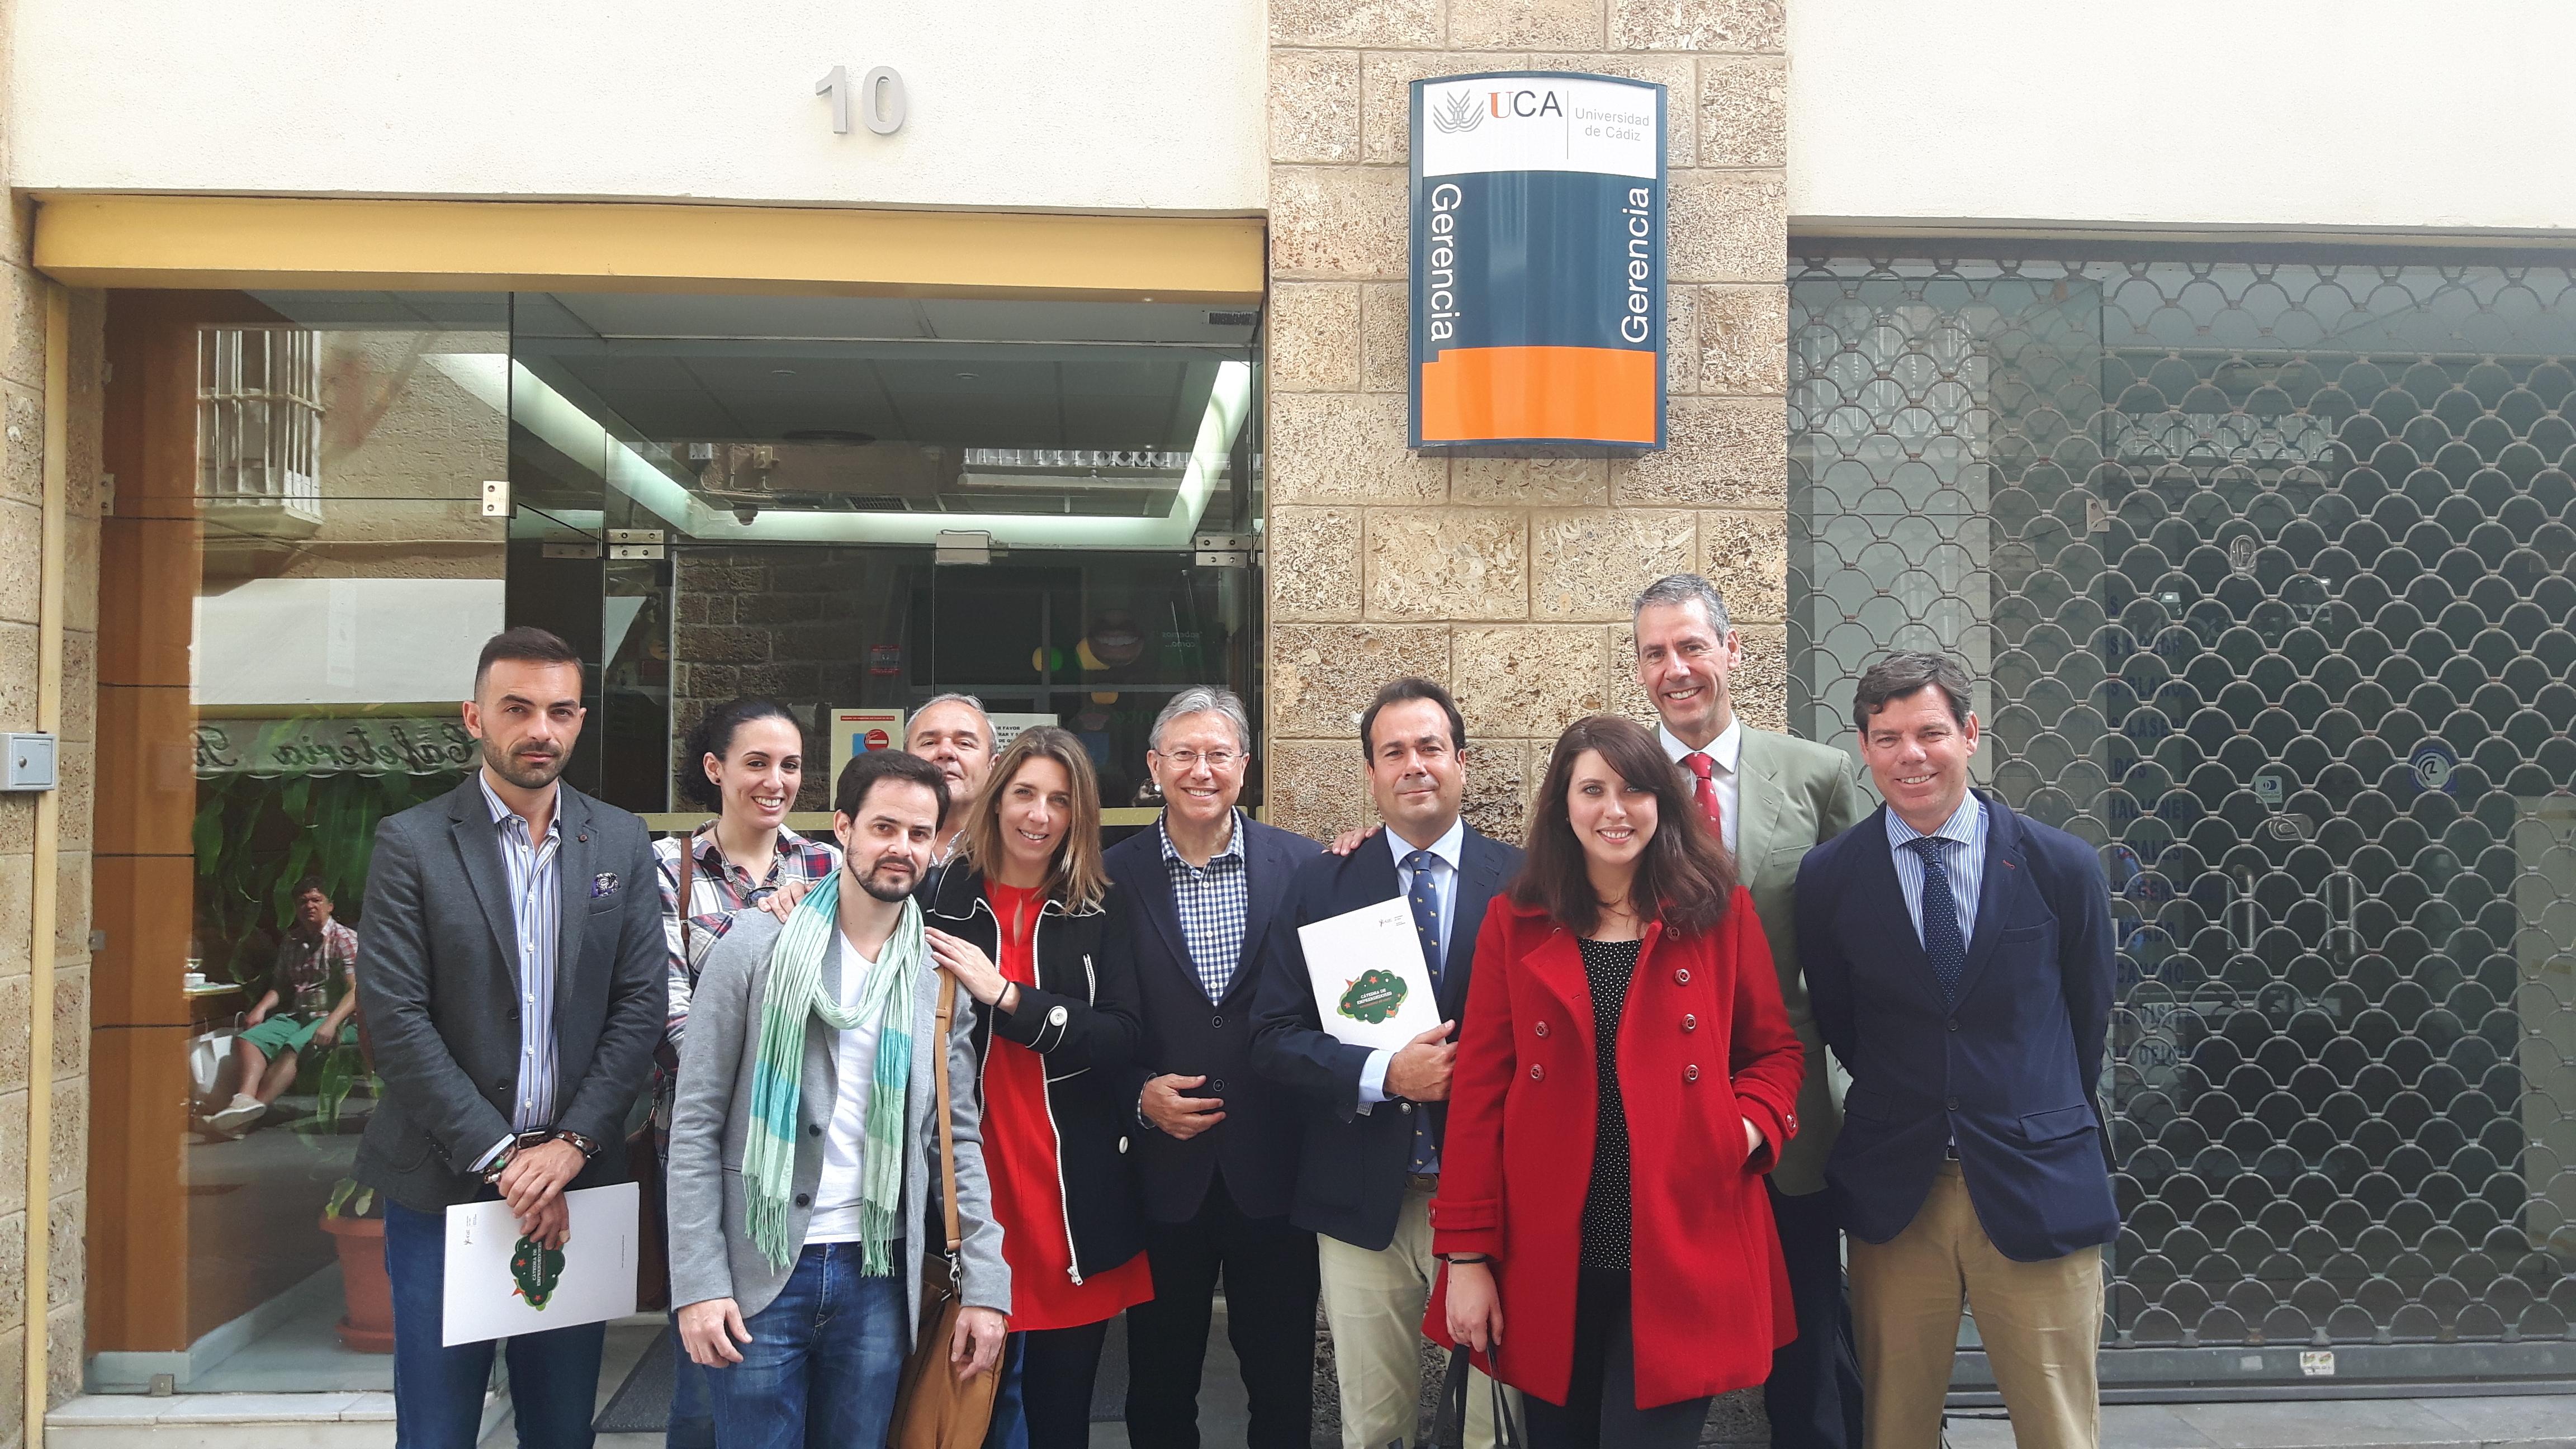 Foto de grupo de todos los que forman parte del proyecto Inconformistas, tanto representantes de la UCA como los de la Fundación Osborne